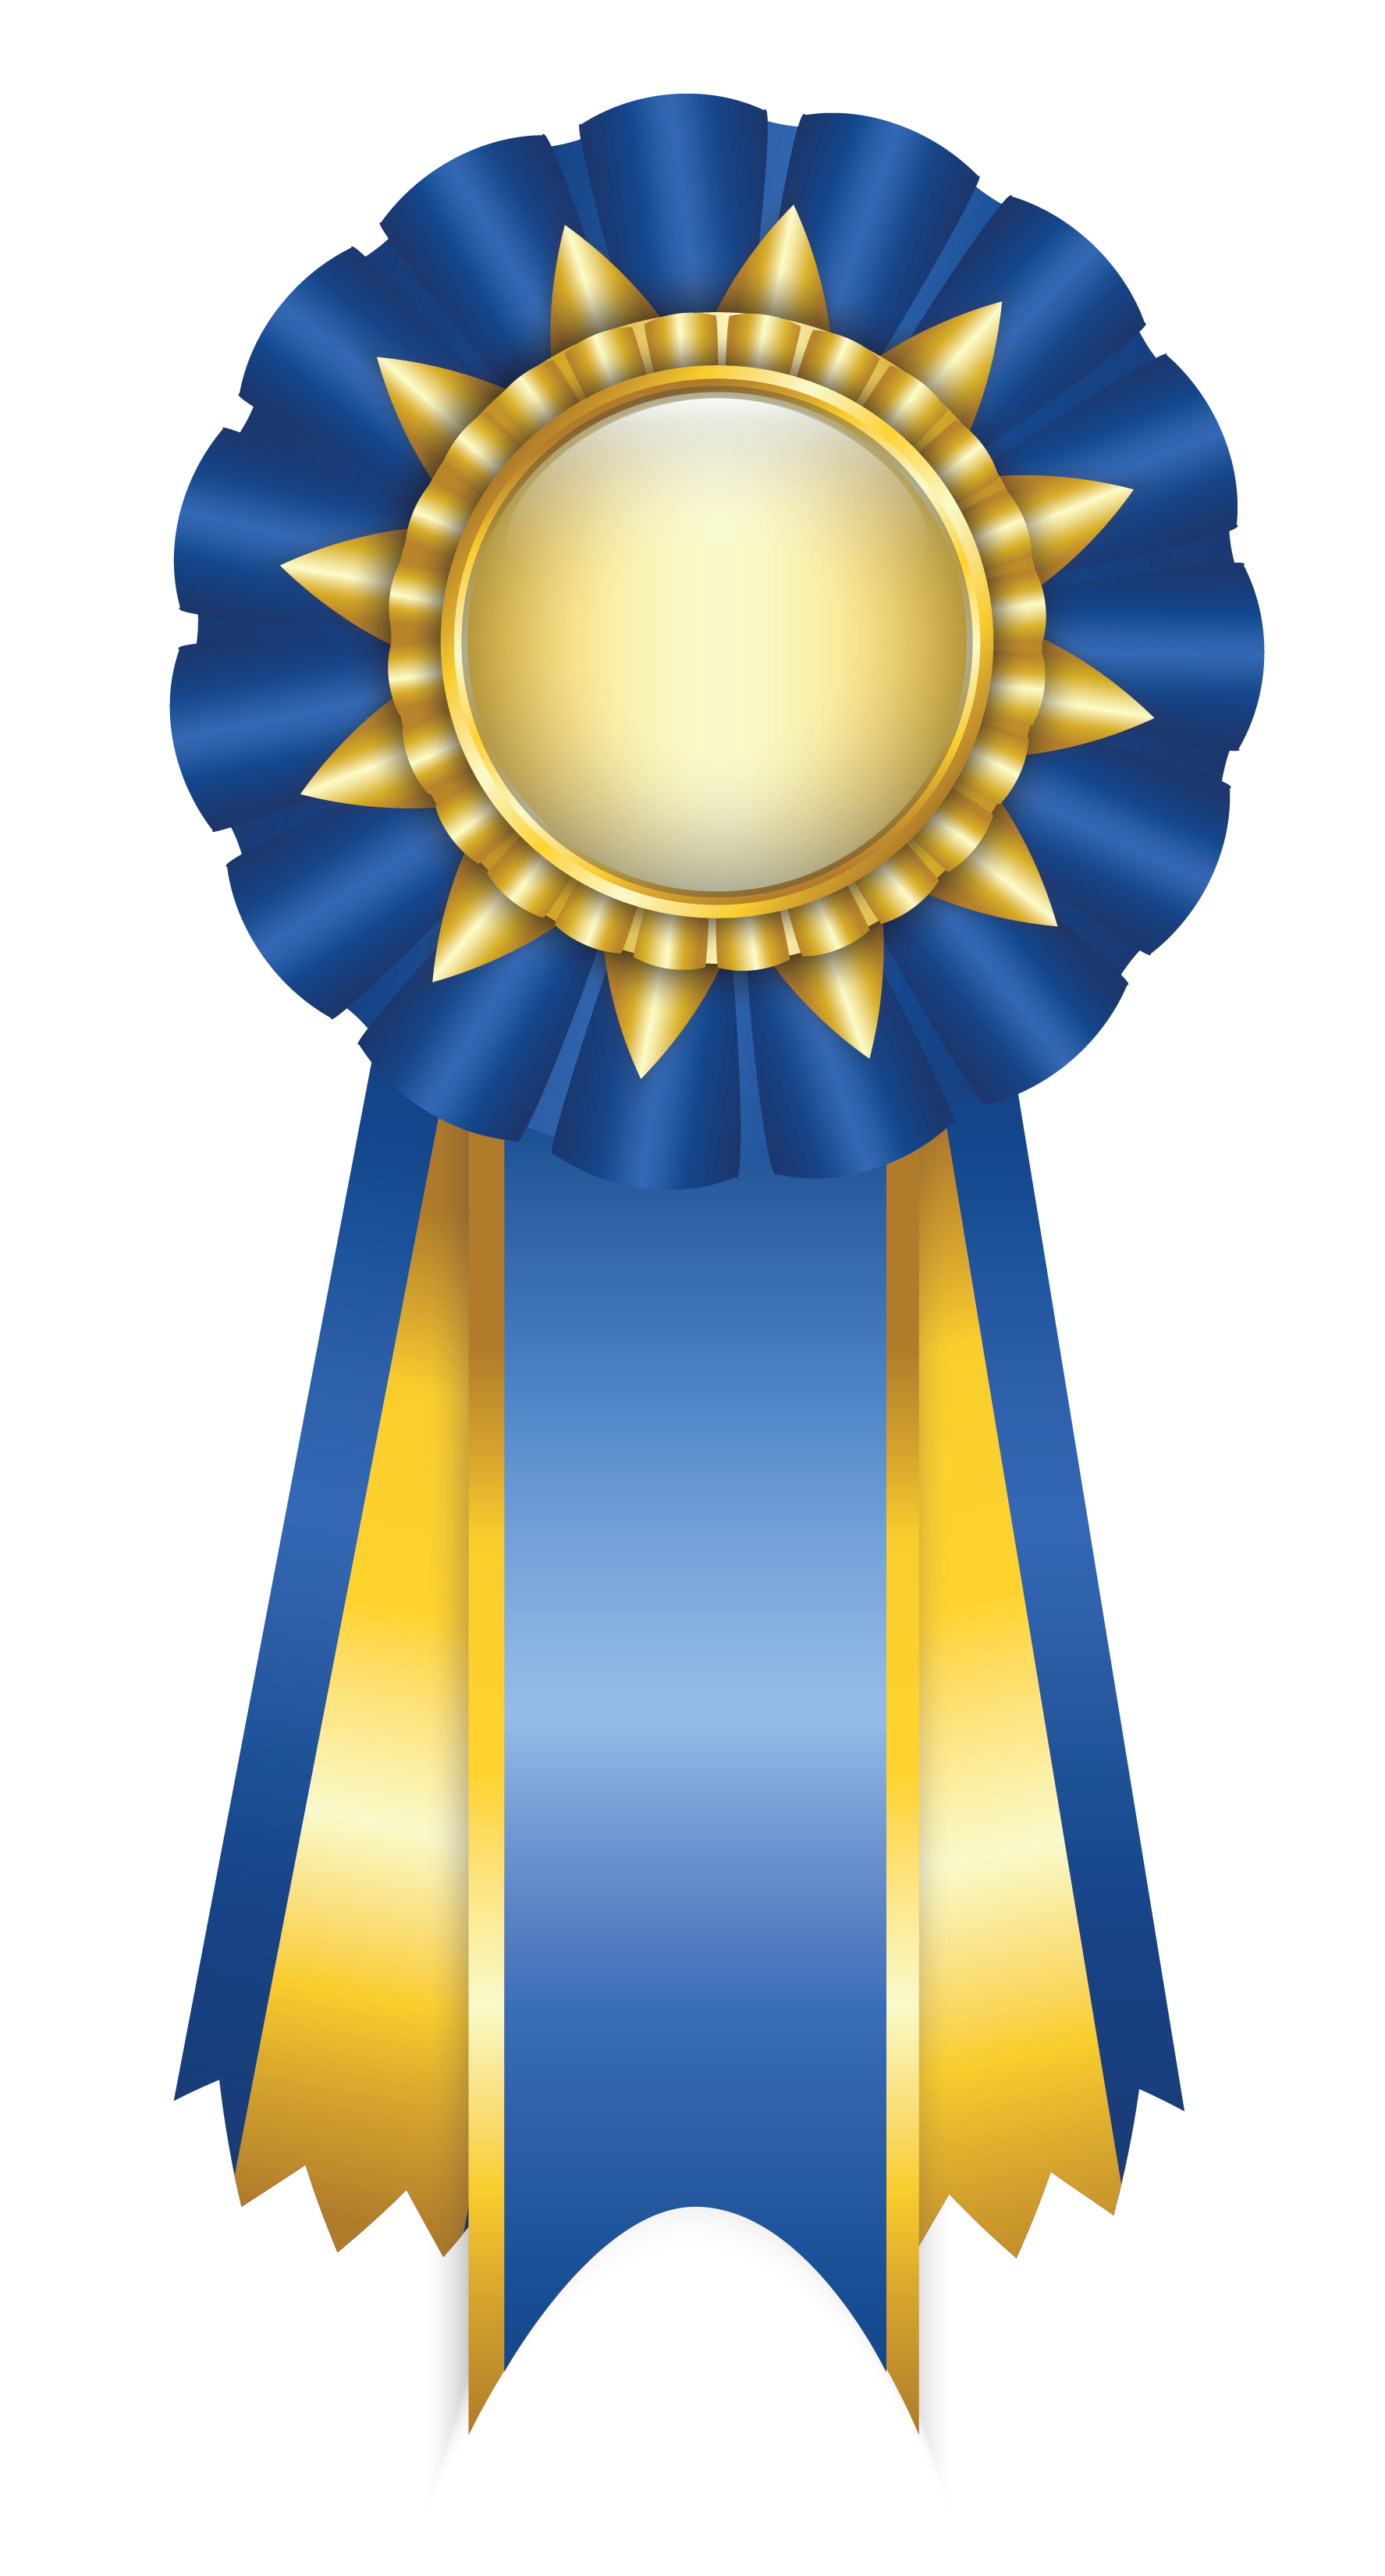 Award Clipart Free.